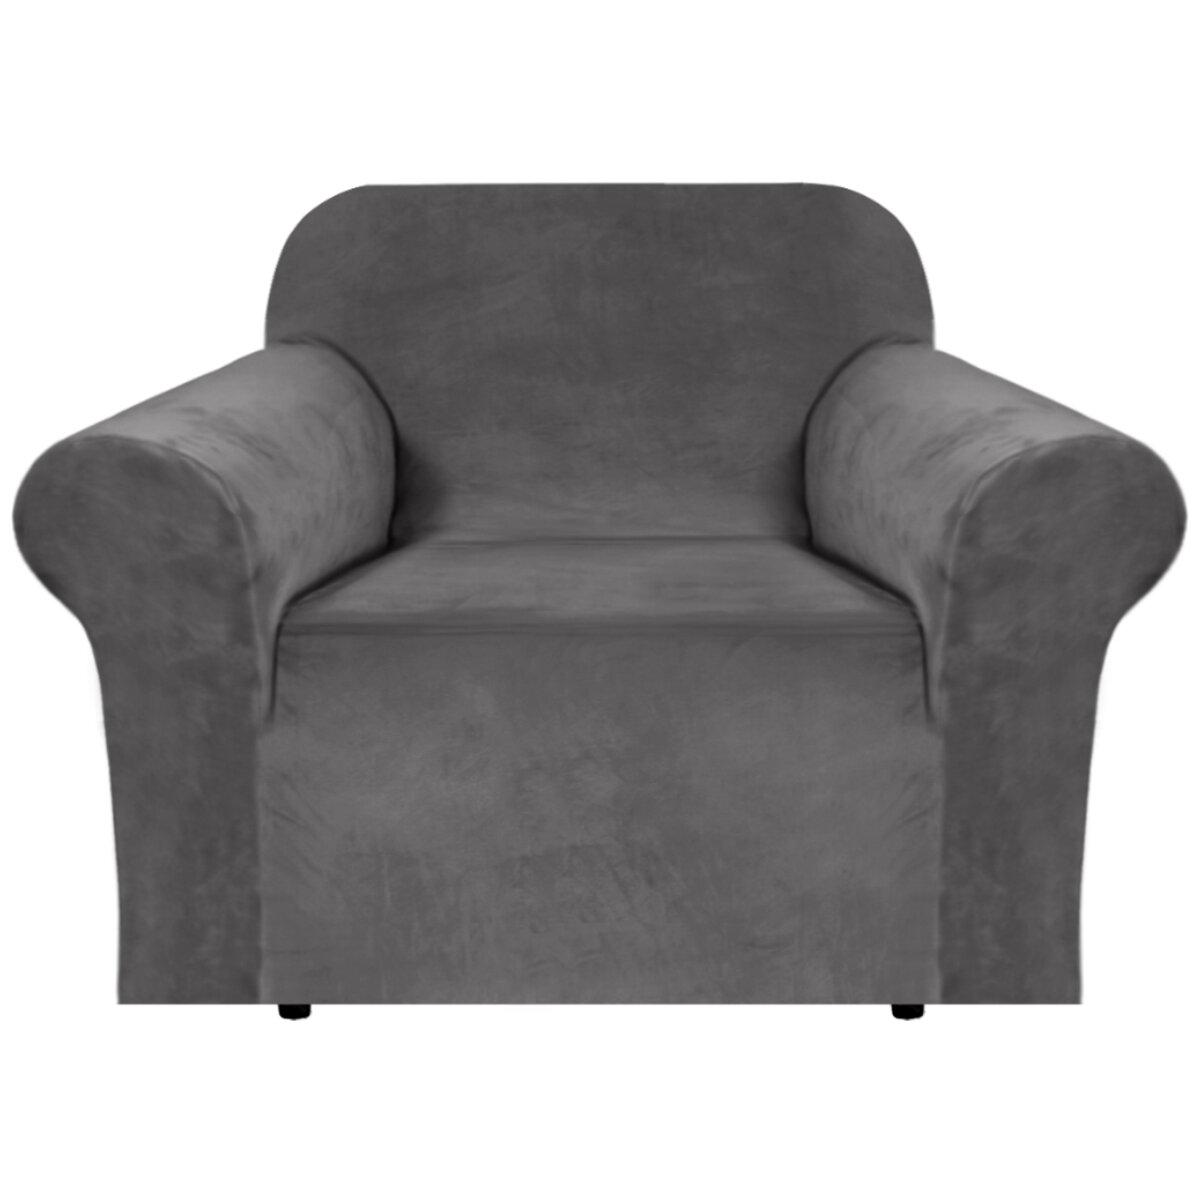 Canora Grey Luxurious Velvet Box Cushion Armchair Slipcover Wayfair